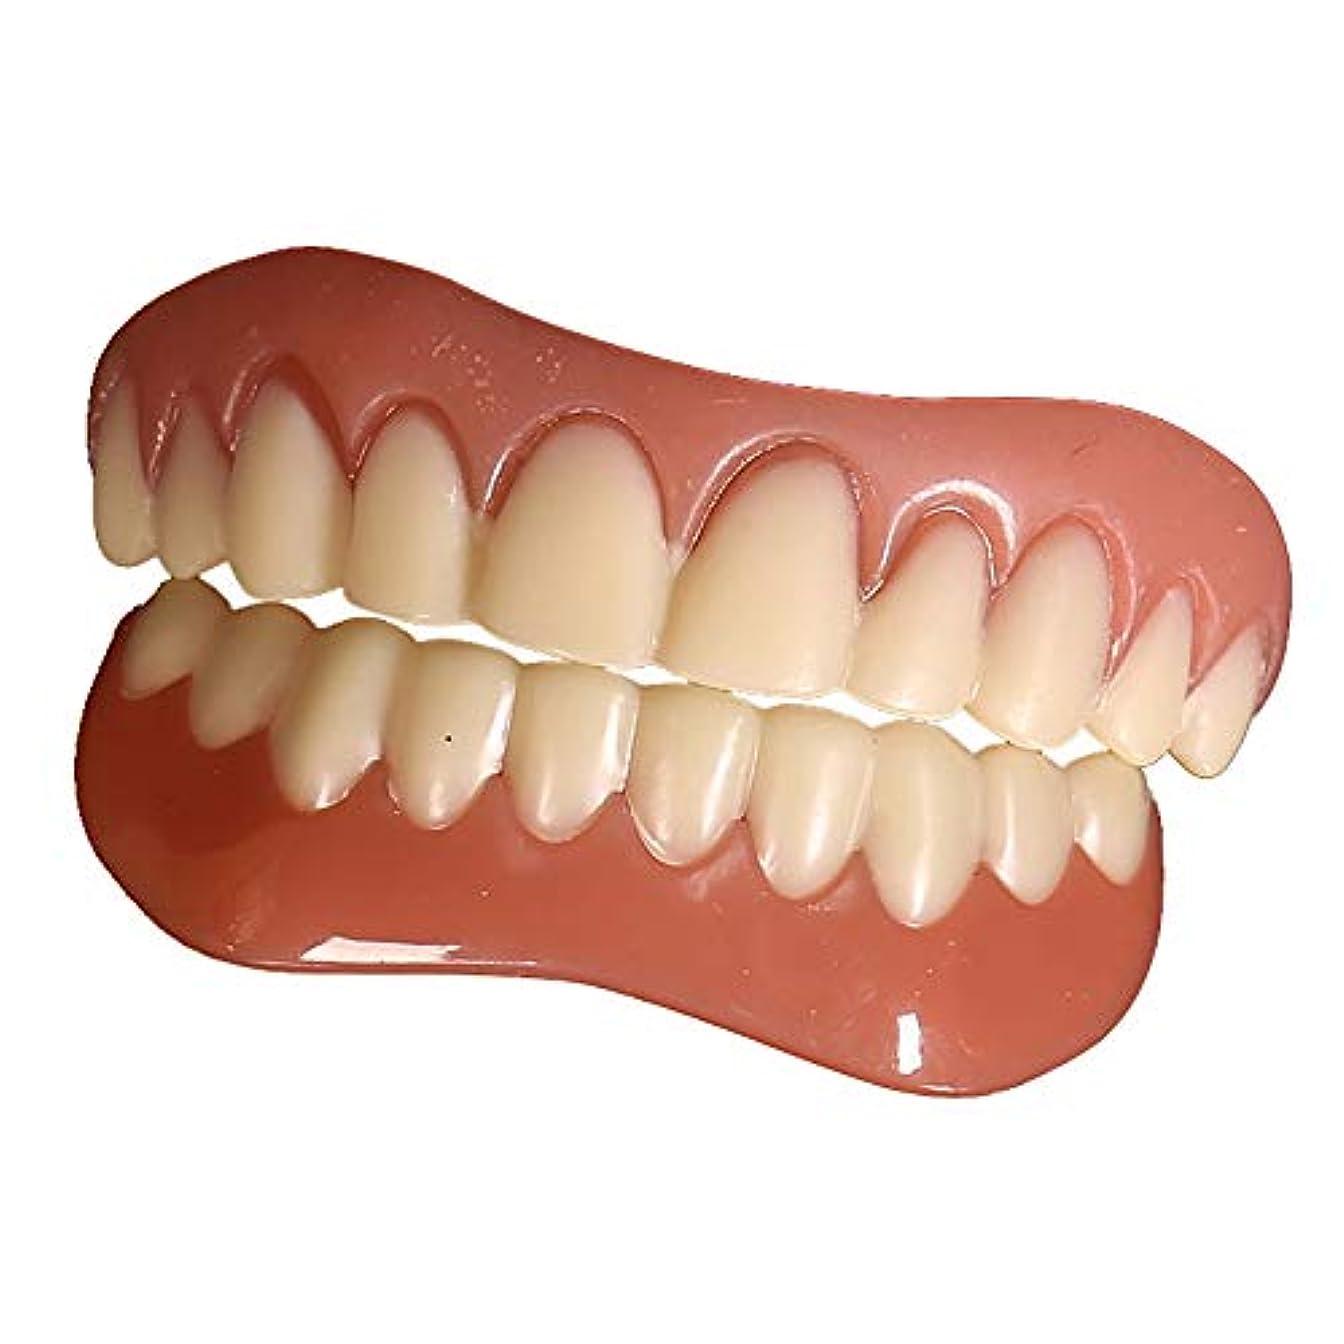 うねる支配する必要パーフェクトインスタントスマイルティースベニヤインスタントビューティー2本入れ歯2本下歯(フリーサイズ(中))